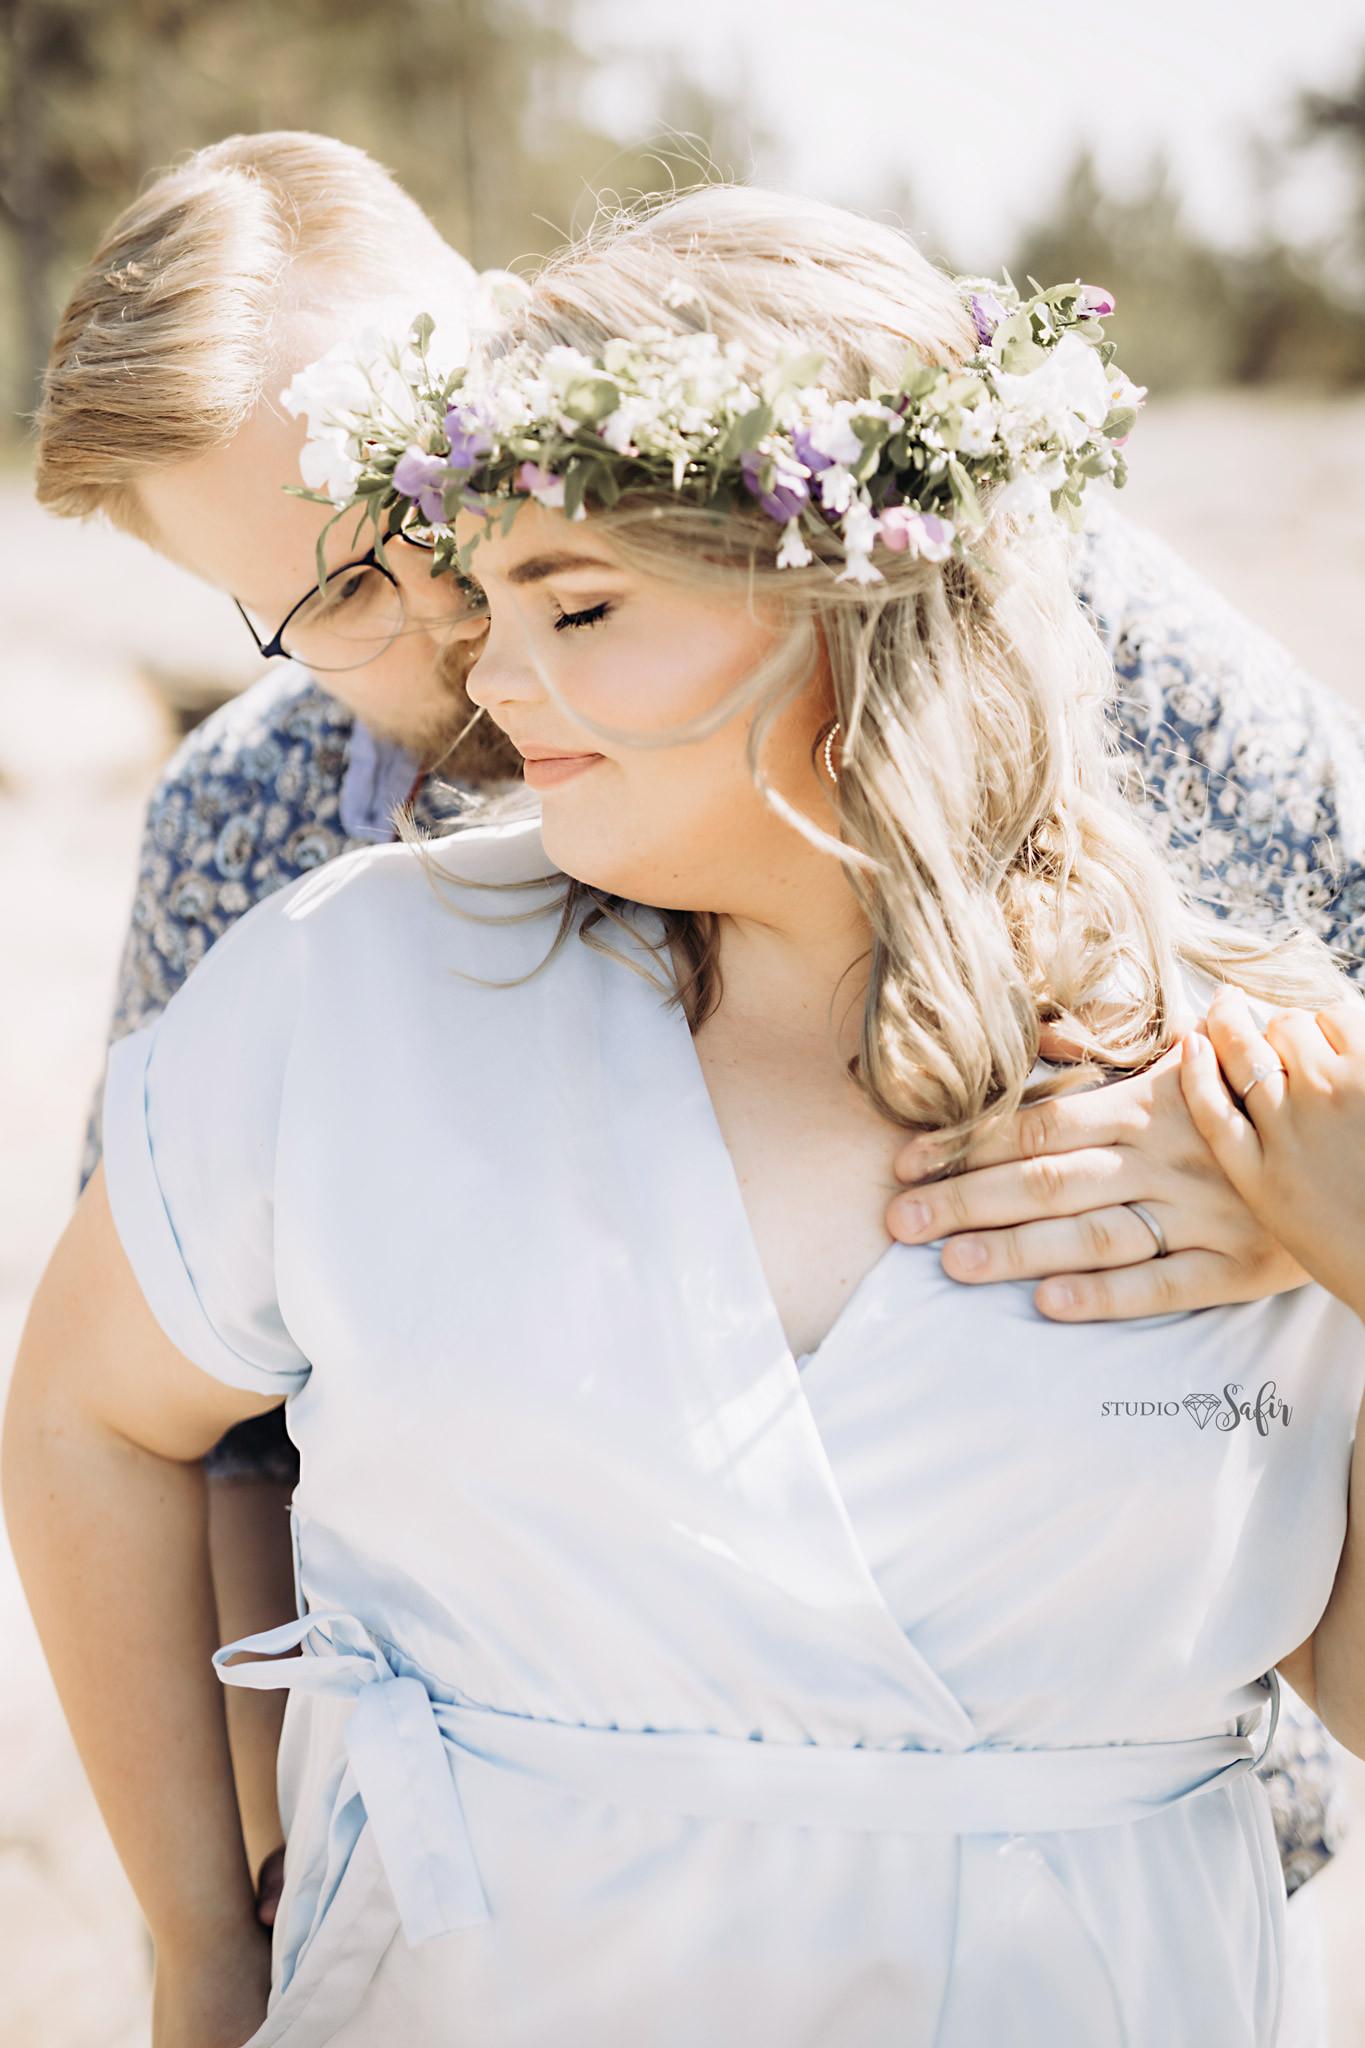 Kihla- ja parikuvaus/Förlovnigs- och par